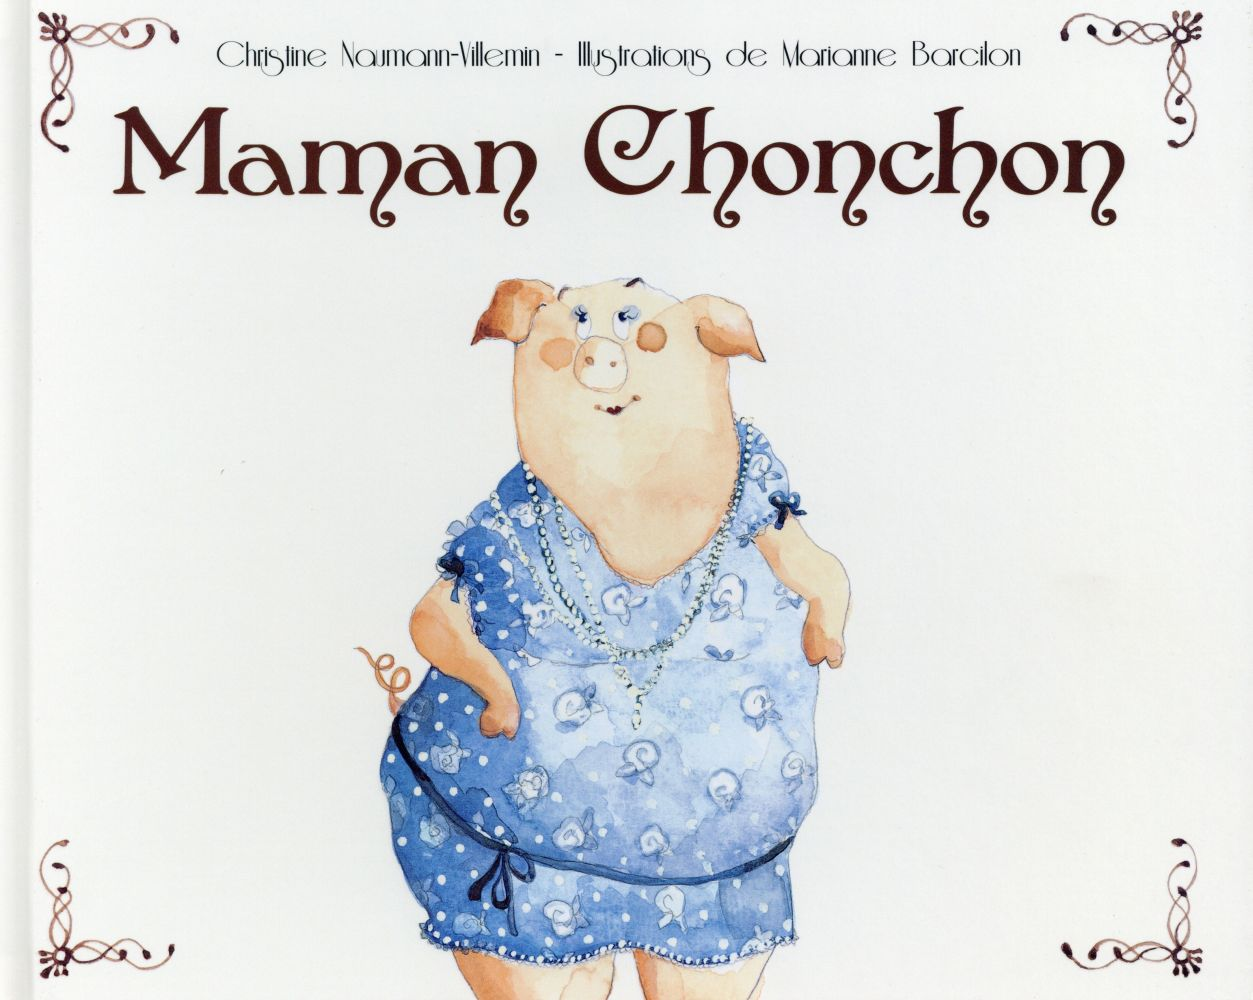 MAMAN CHONCHON